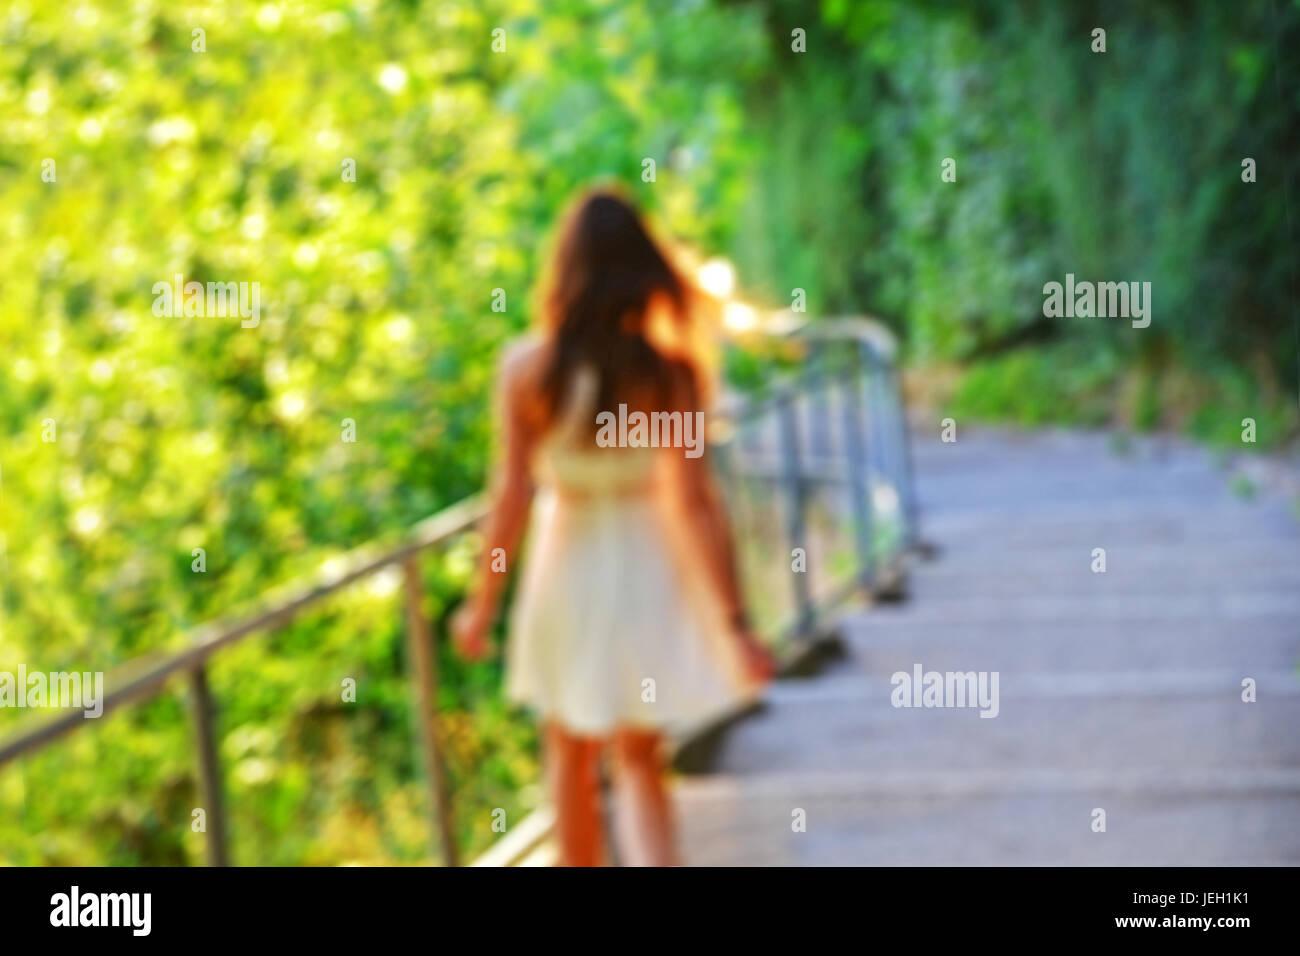 Chica en blanco vestido de verano caminando por las escaleras. Imagen borrosa intencionalmente con brillantes antecedentes. Foto de stock